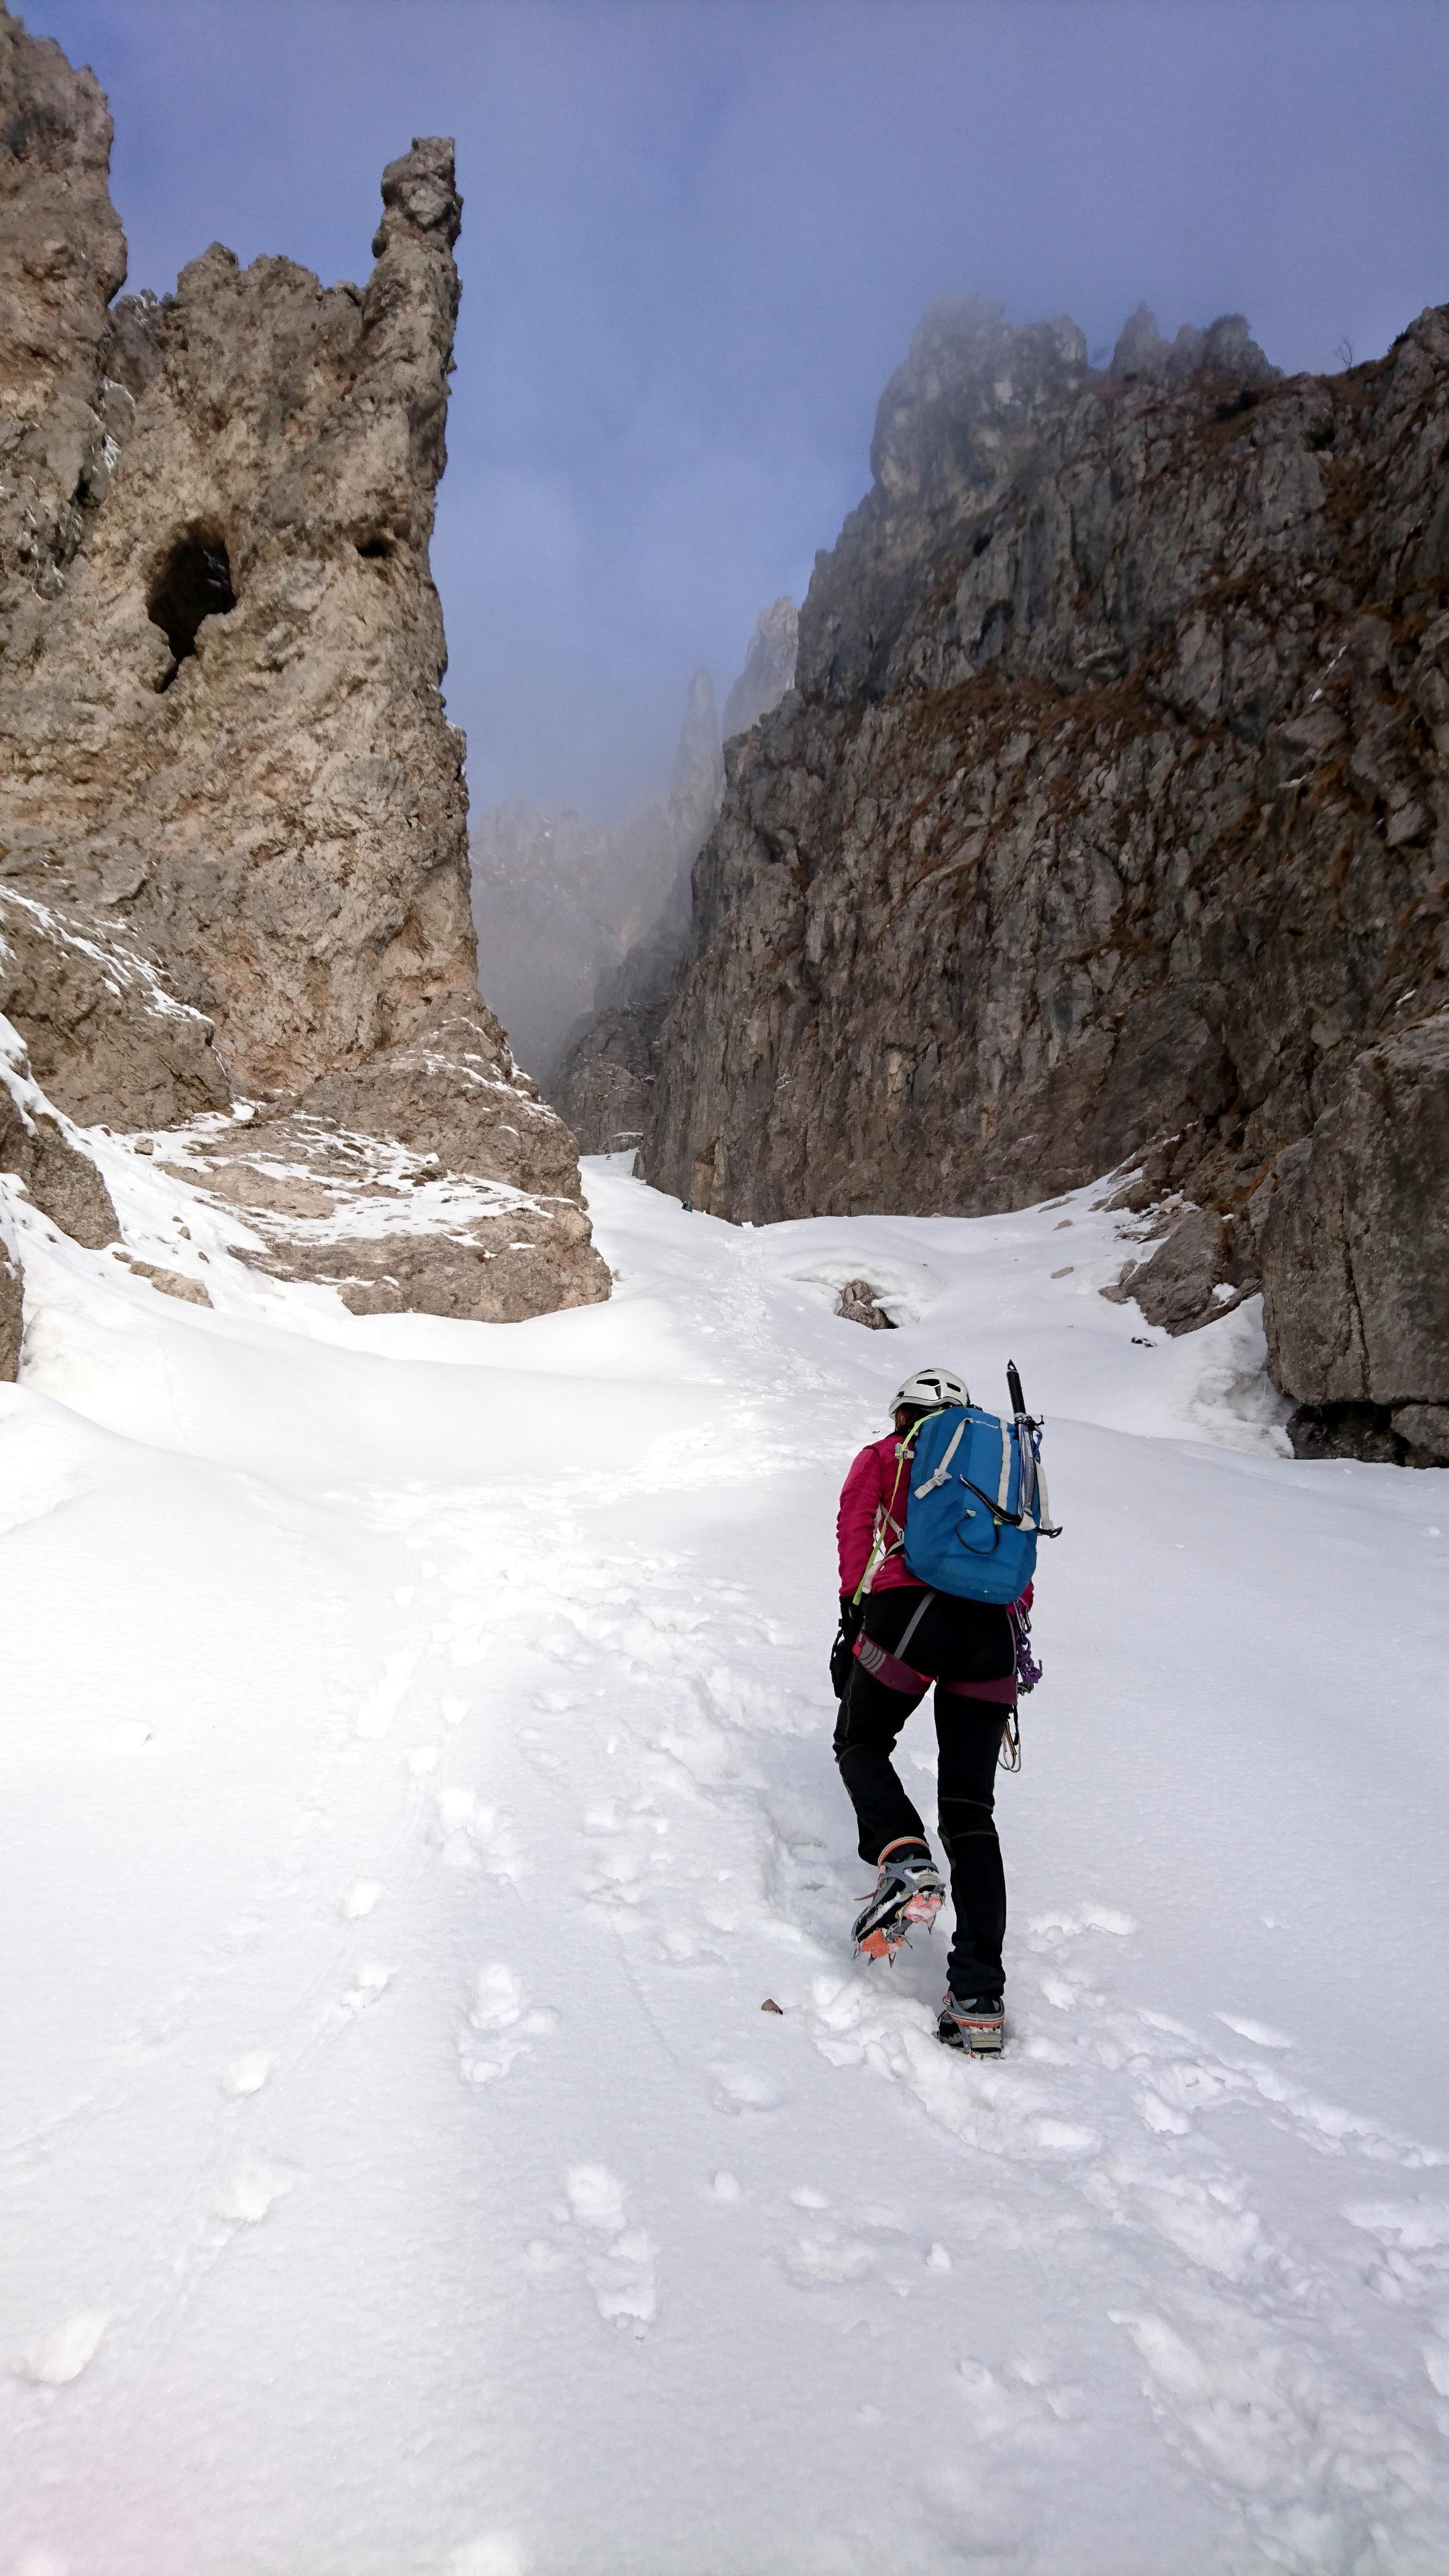 Inizia la parte di neve con pendenza moderata che conduce fino al primo muro roccioso